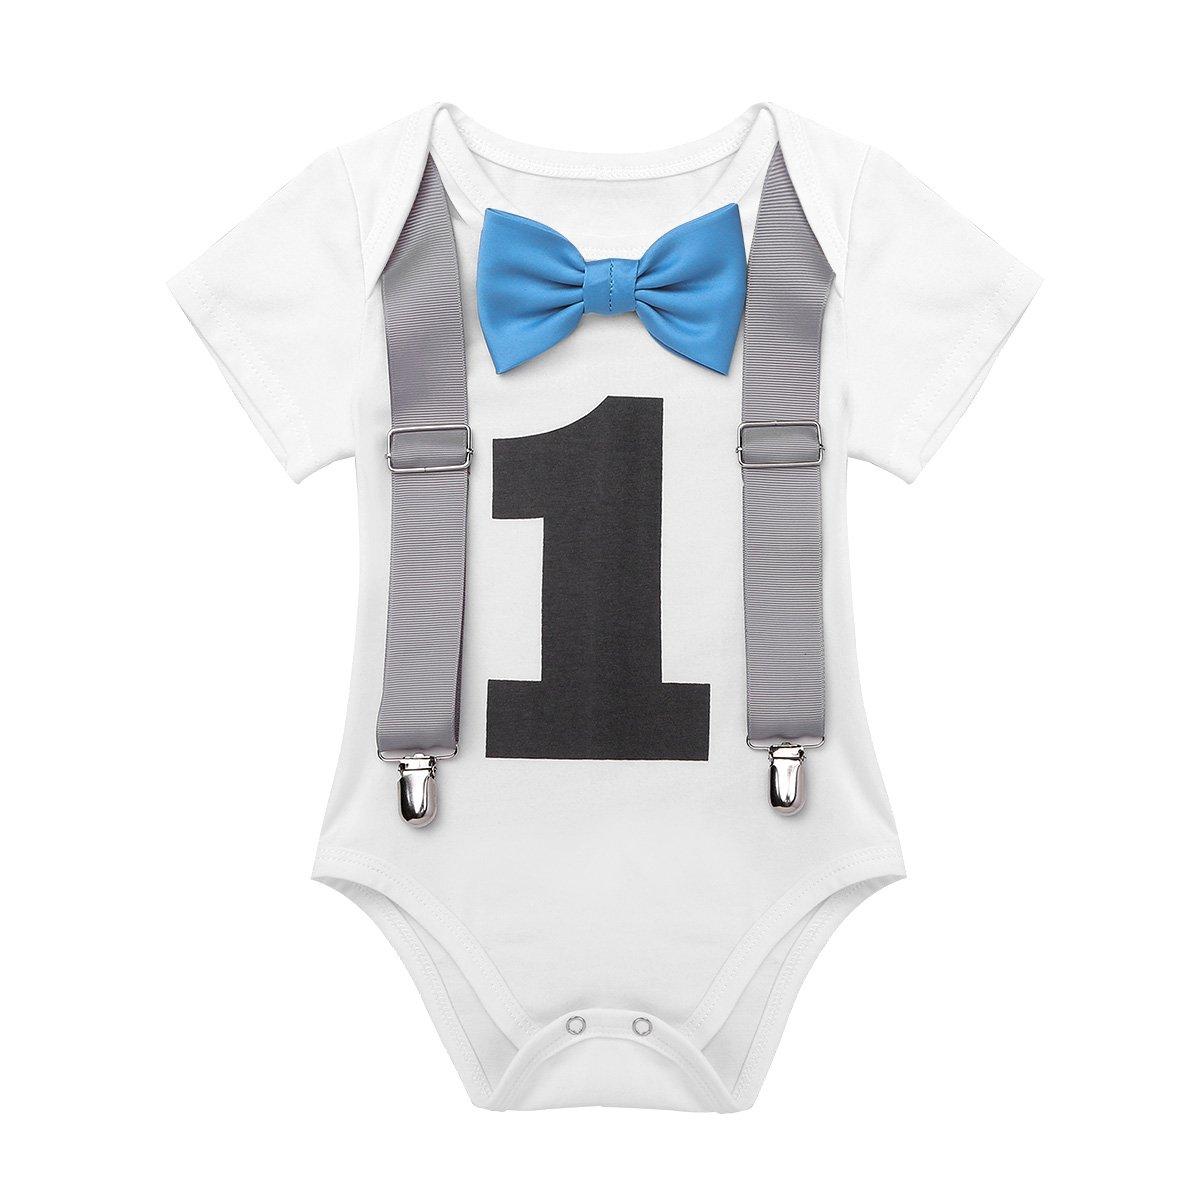 Tiaobug Baby Body Jungen Strampler Kurzarm Blaue Schleife Fliege Hosenträger - Nummer Eins - Aufdruck Knopfdruck am Schritt Bodysuit Overall 1 Jahr Geburtstag Taufe Geschenk